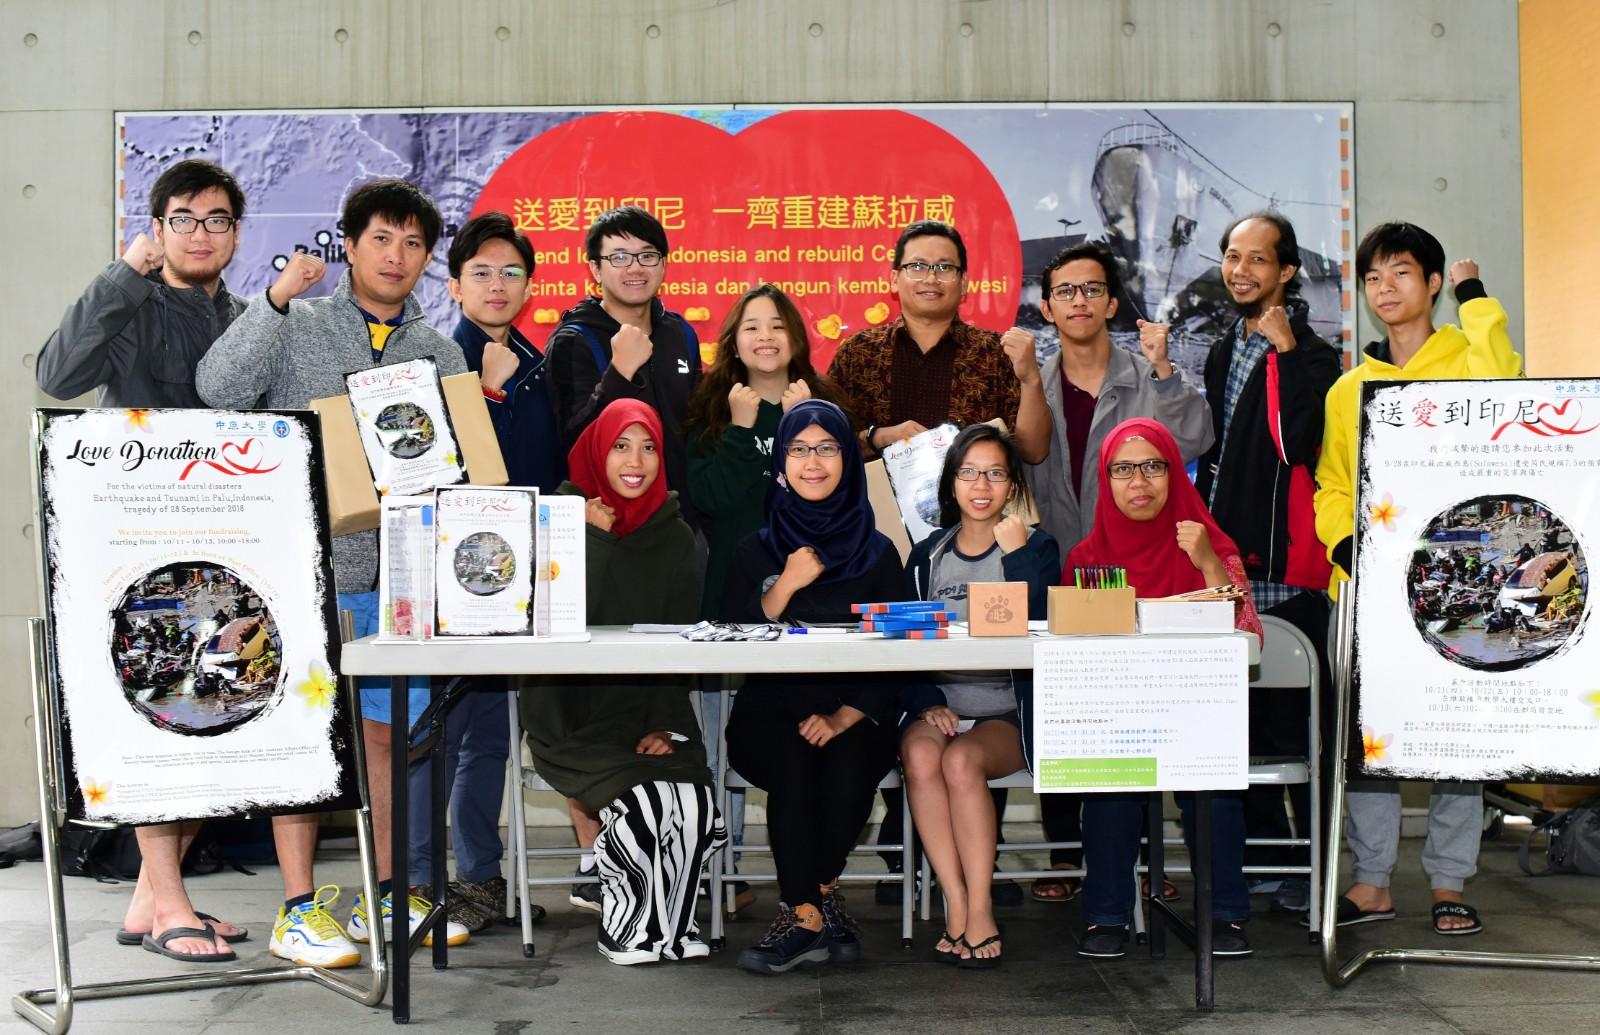 通稿照片01-中原大學環境工程學系的Sara(前排左二)與Dika(前排右一)號召印尼學生與台灣同學們共同送愛到家鄉.JPG